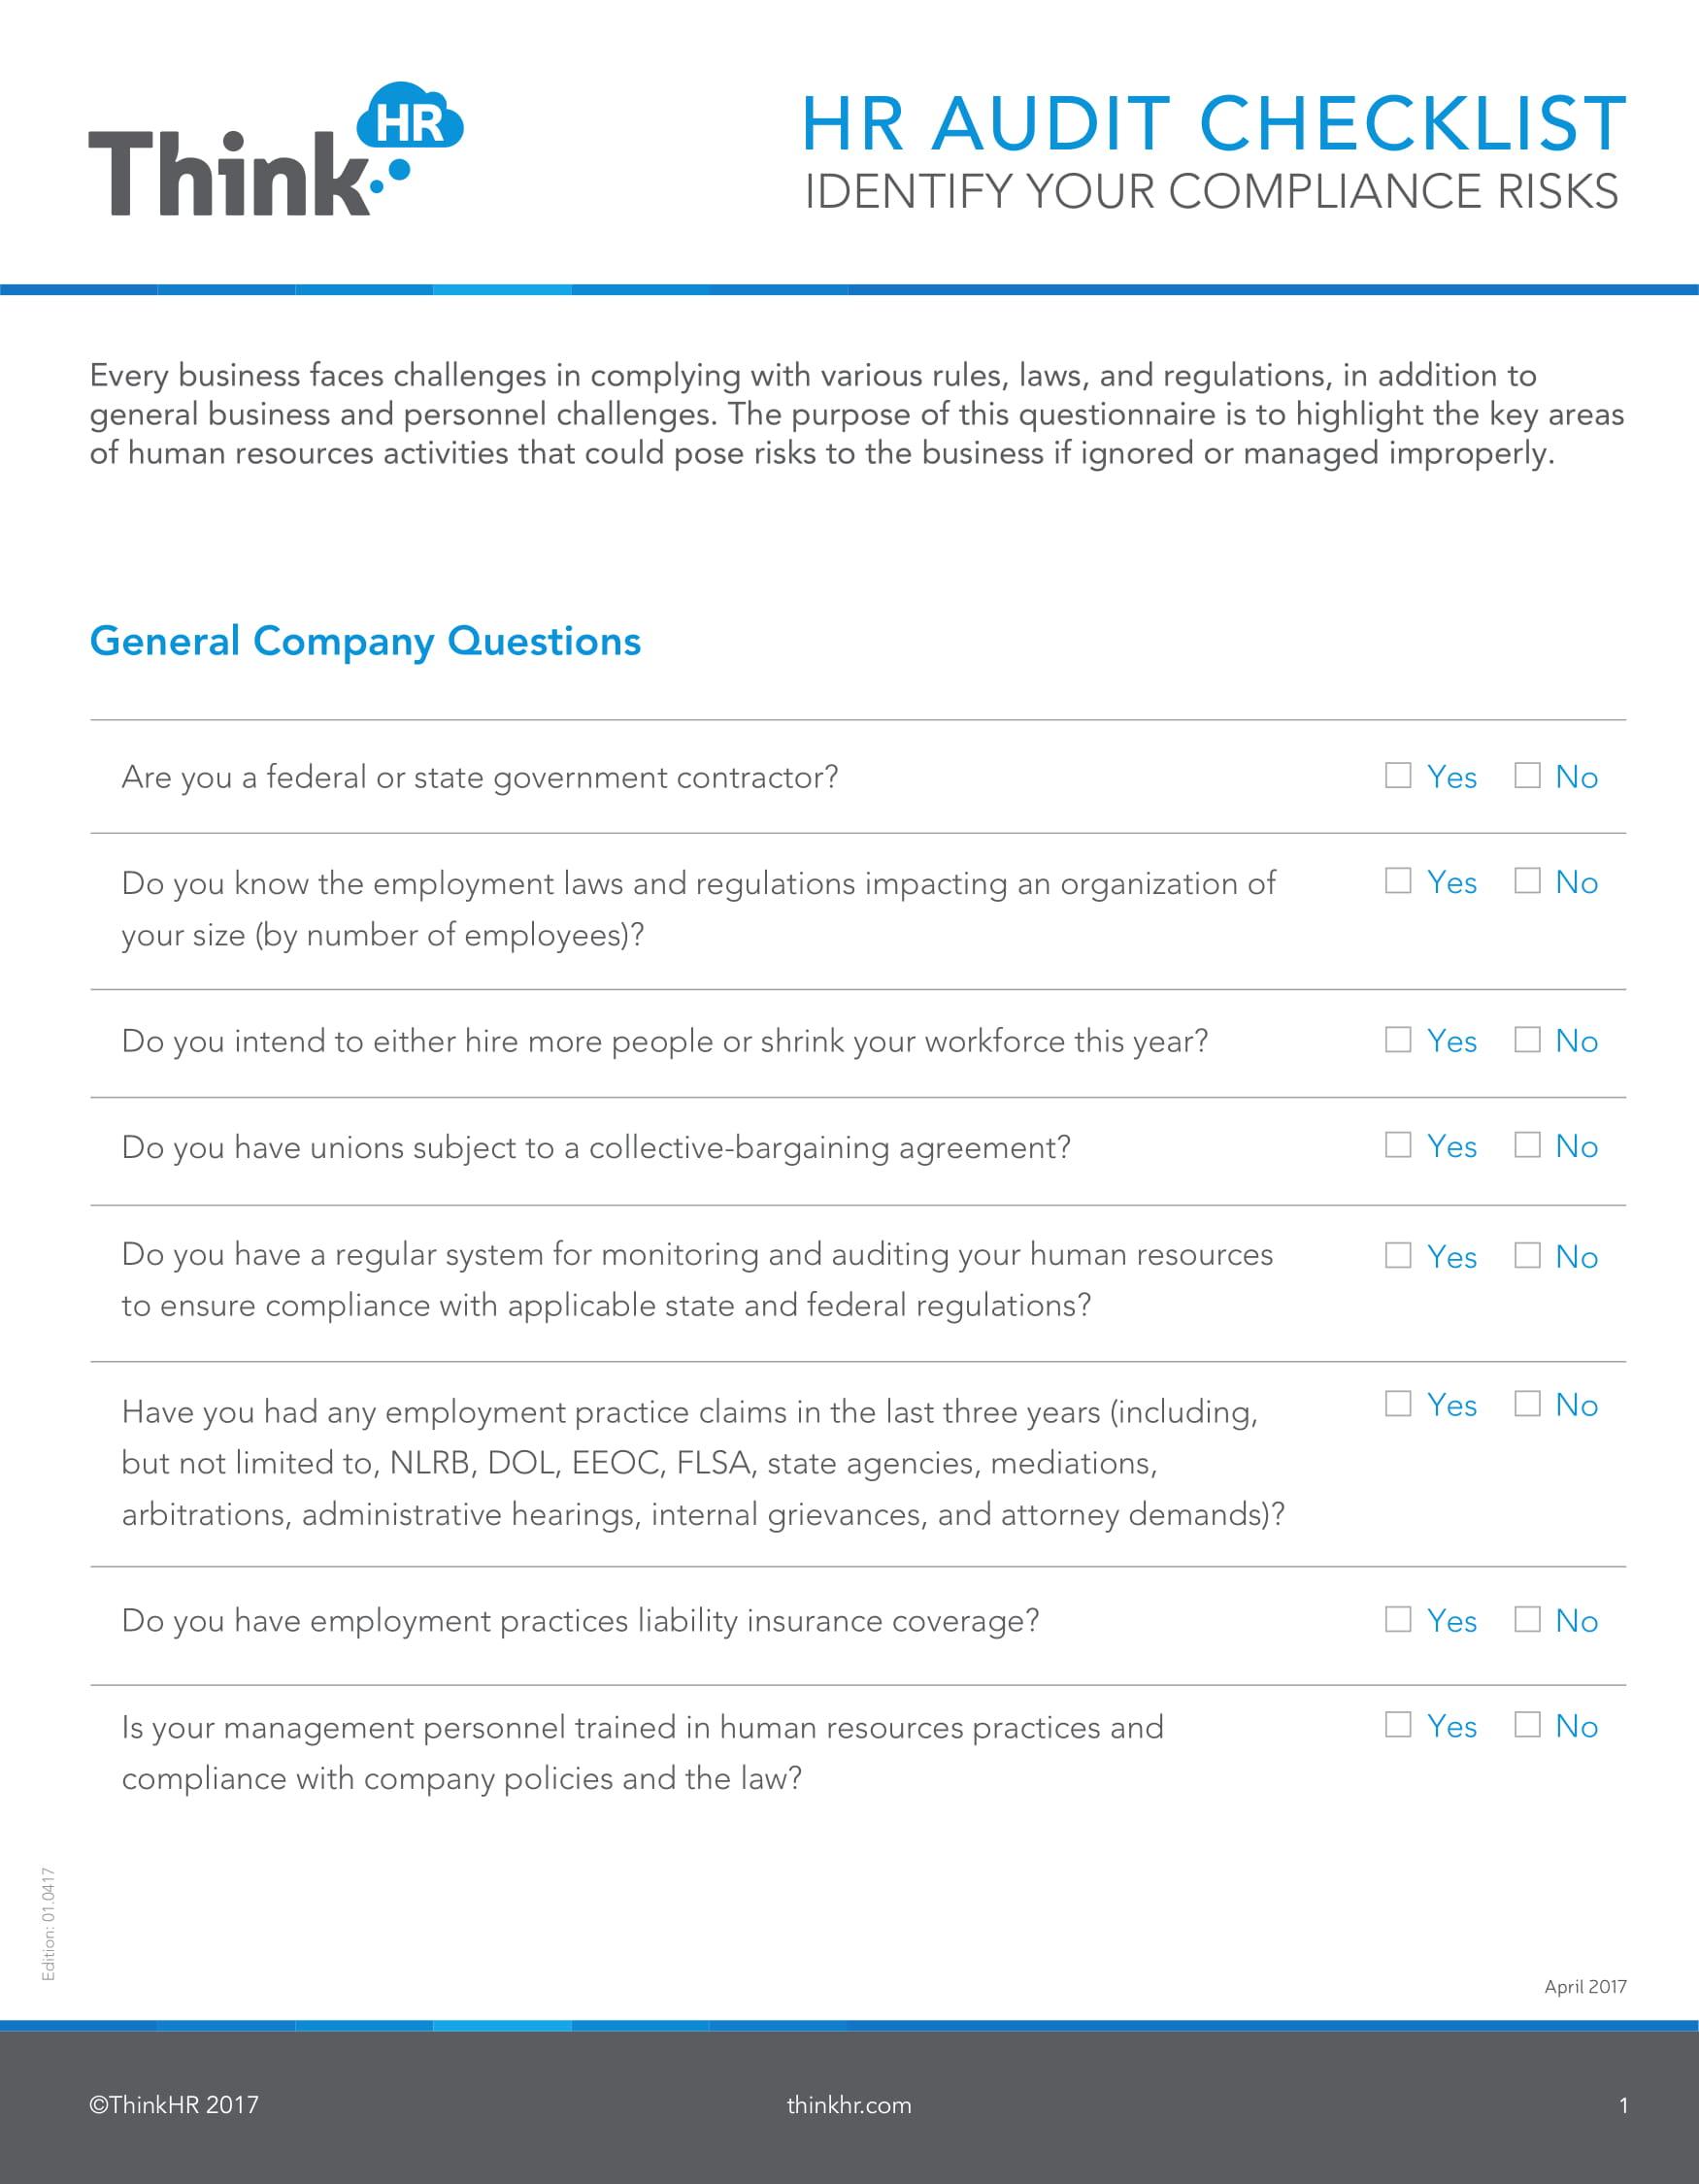 Hr Audit Checklist 1 1